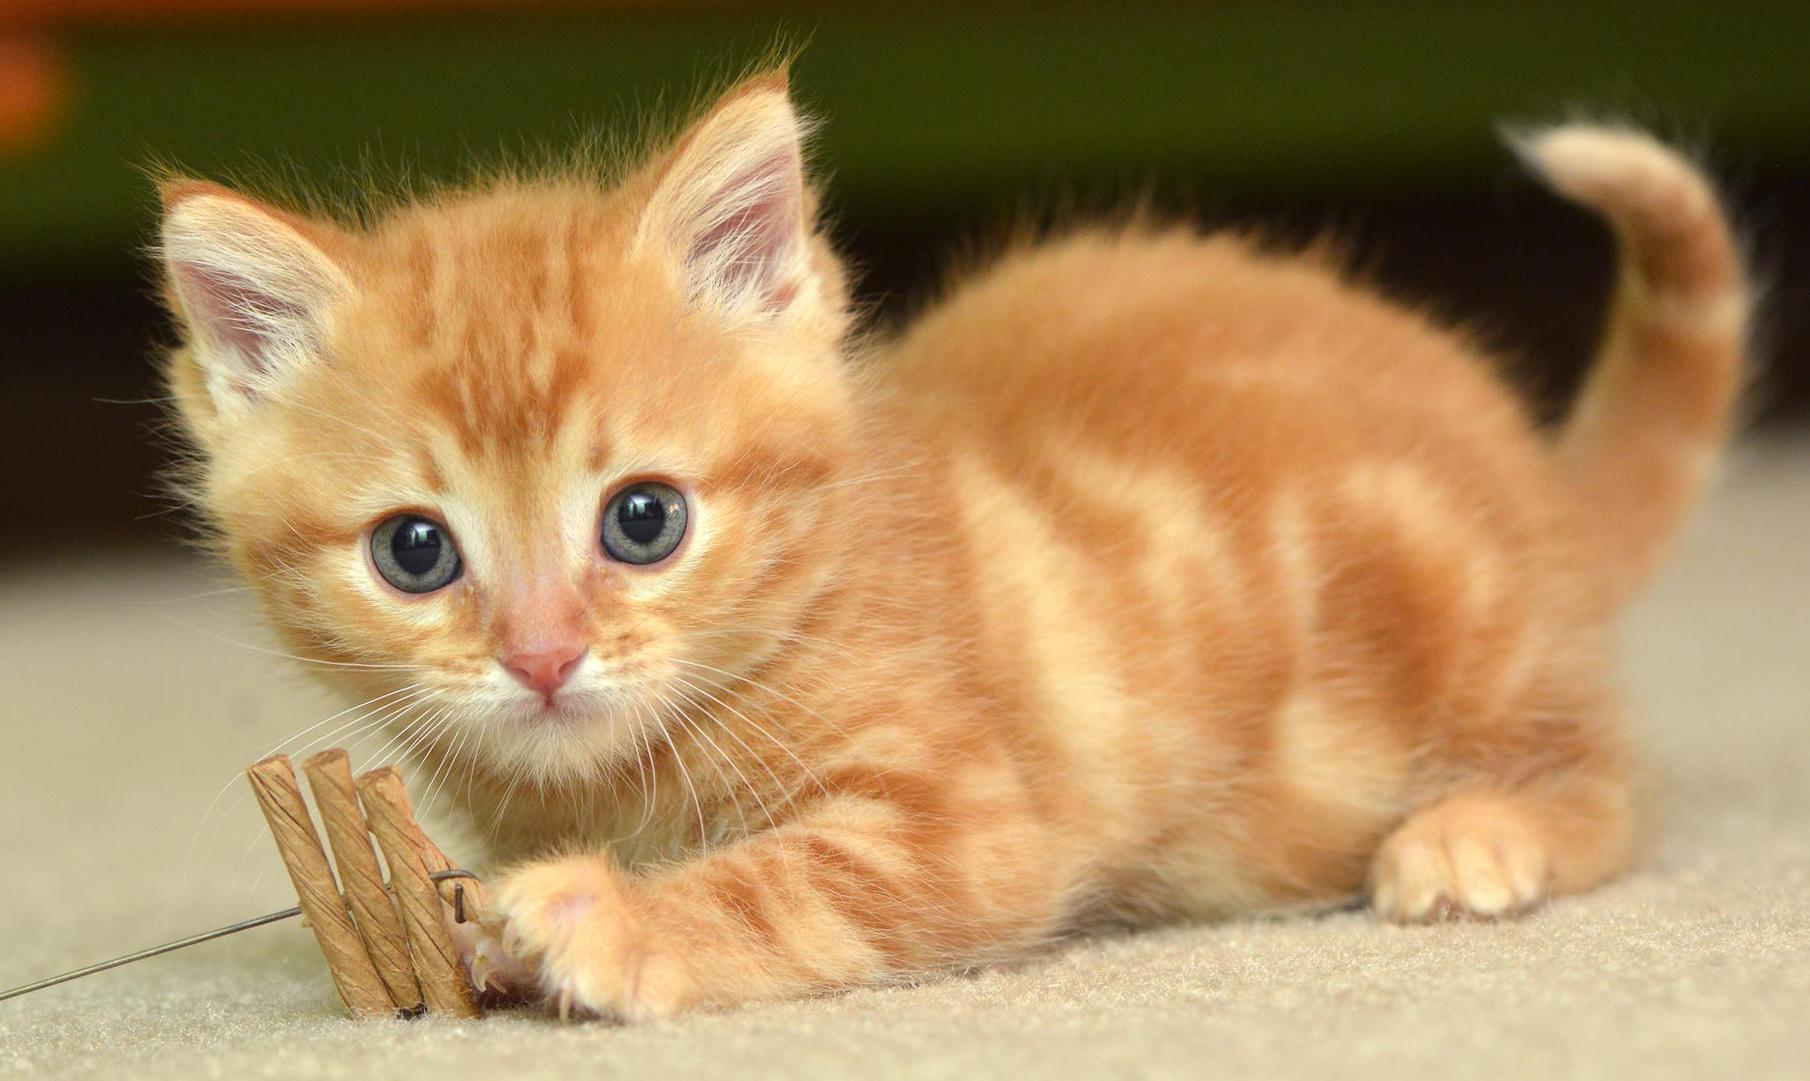 Hình nền chú mèo đáng yêu ngộ nghĩnh